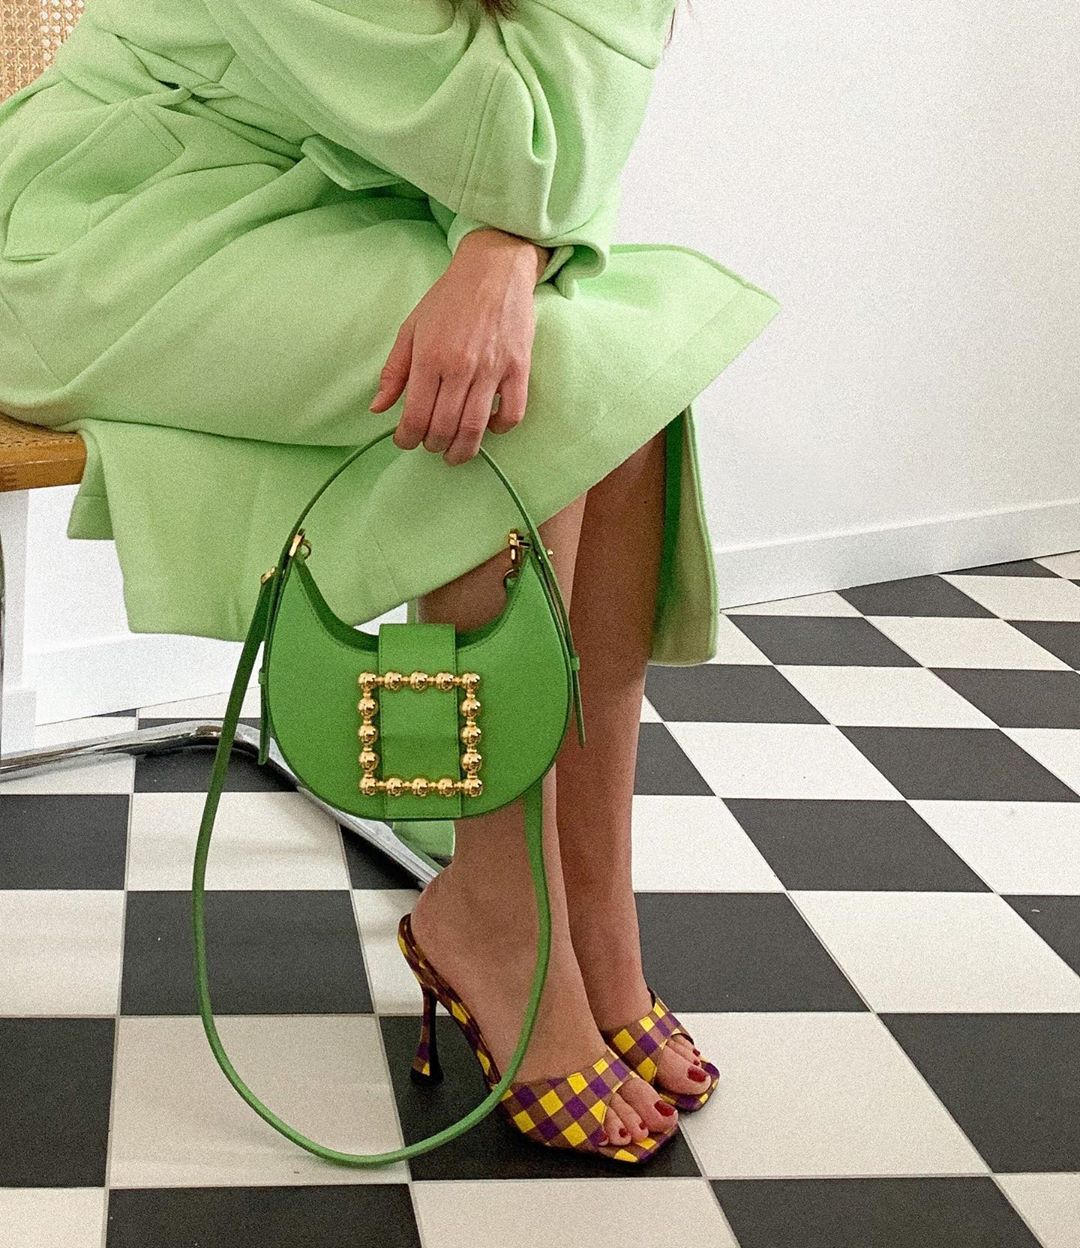 Tín đồ thời trang Pháp Alice Violier cầm túi màu xanh lá và mang guốc kẻ ô